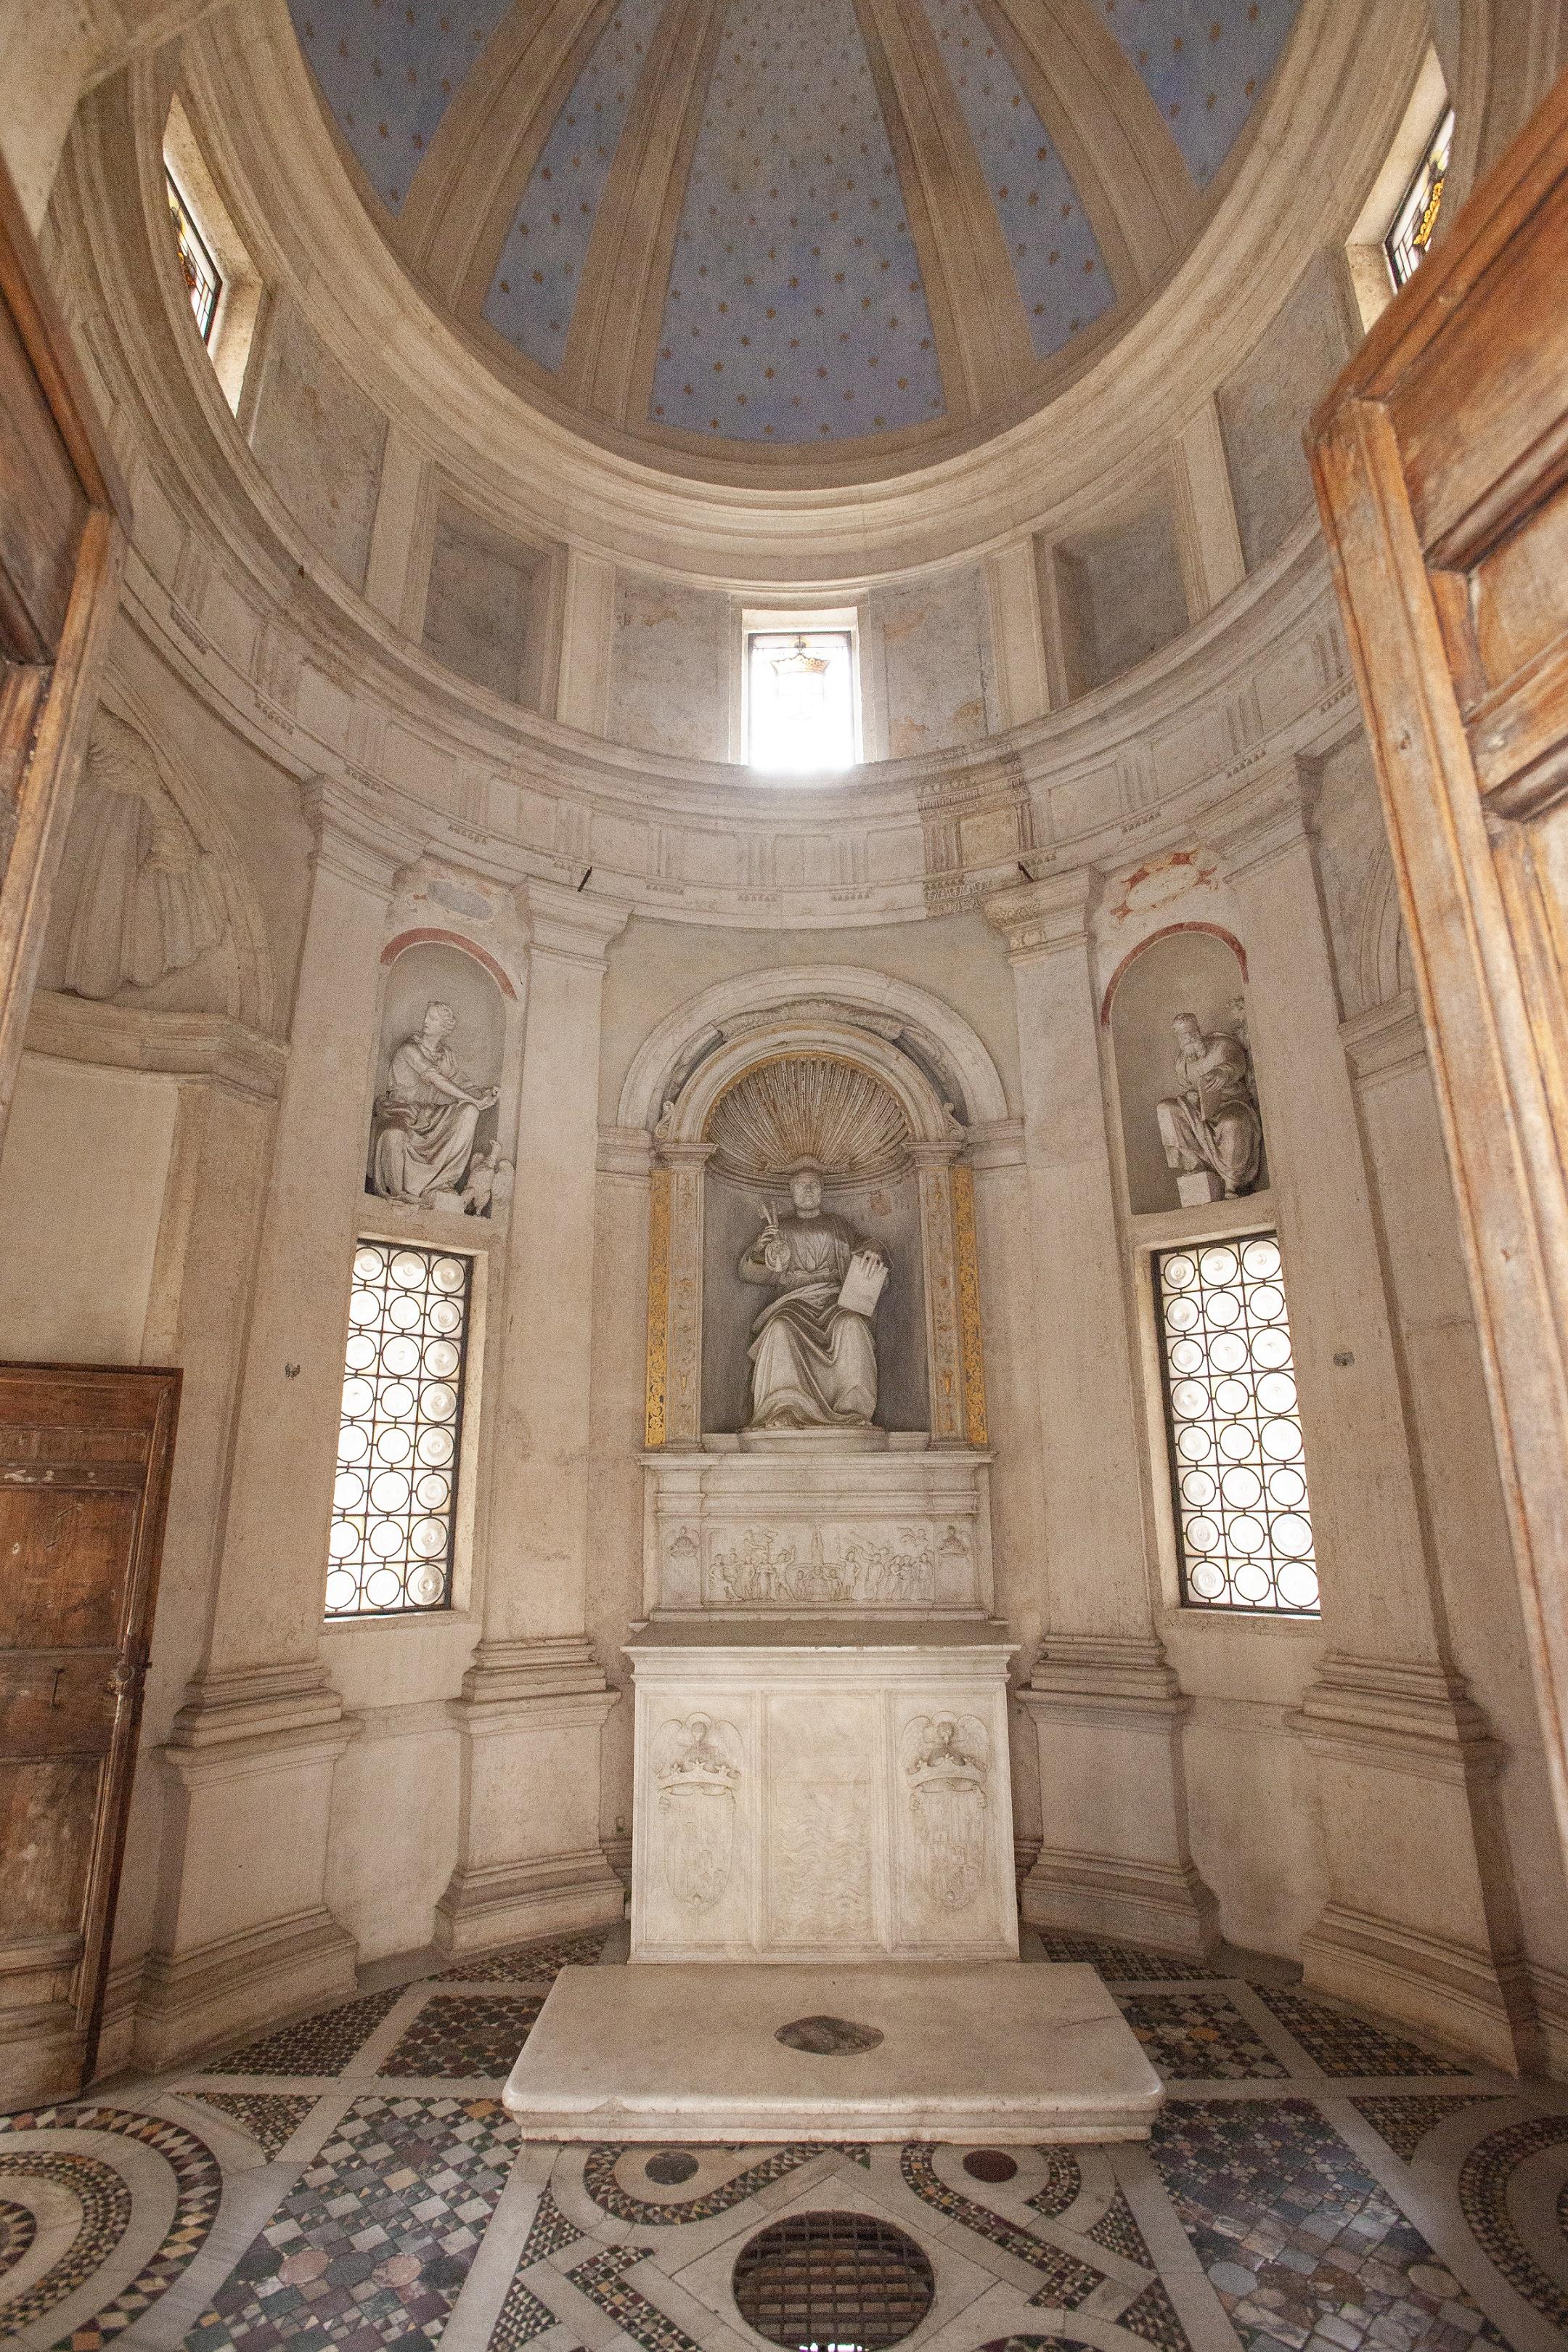 Rome - The Tempietto